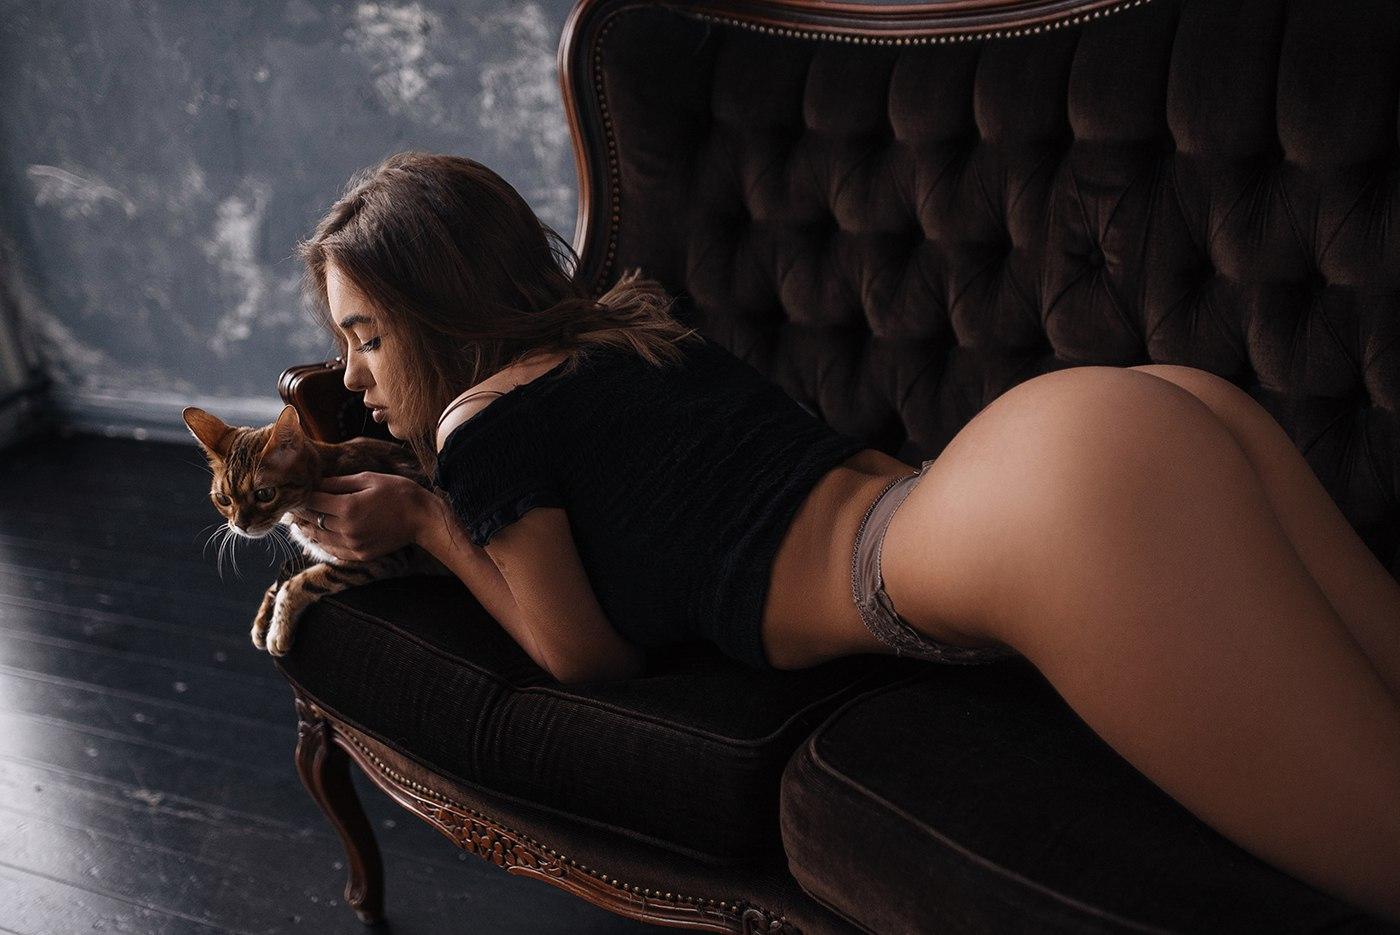 девушки лежат на диване кверху попой на экспресс панель фото сделать